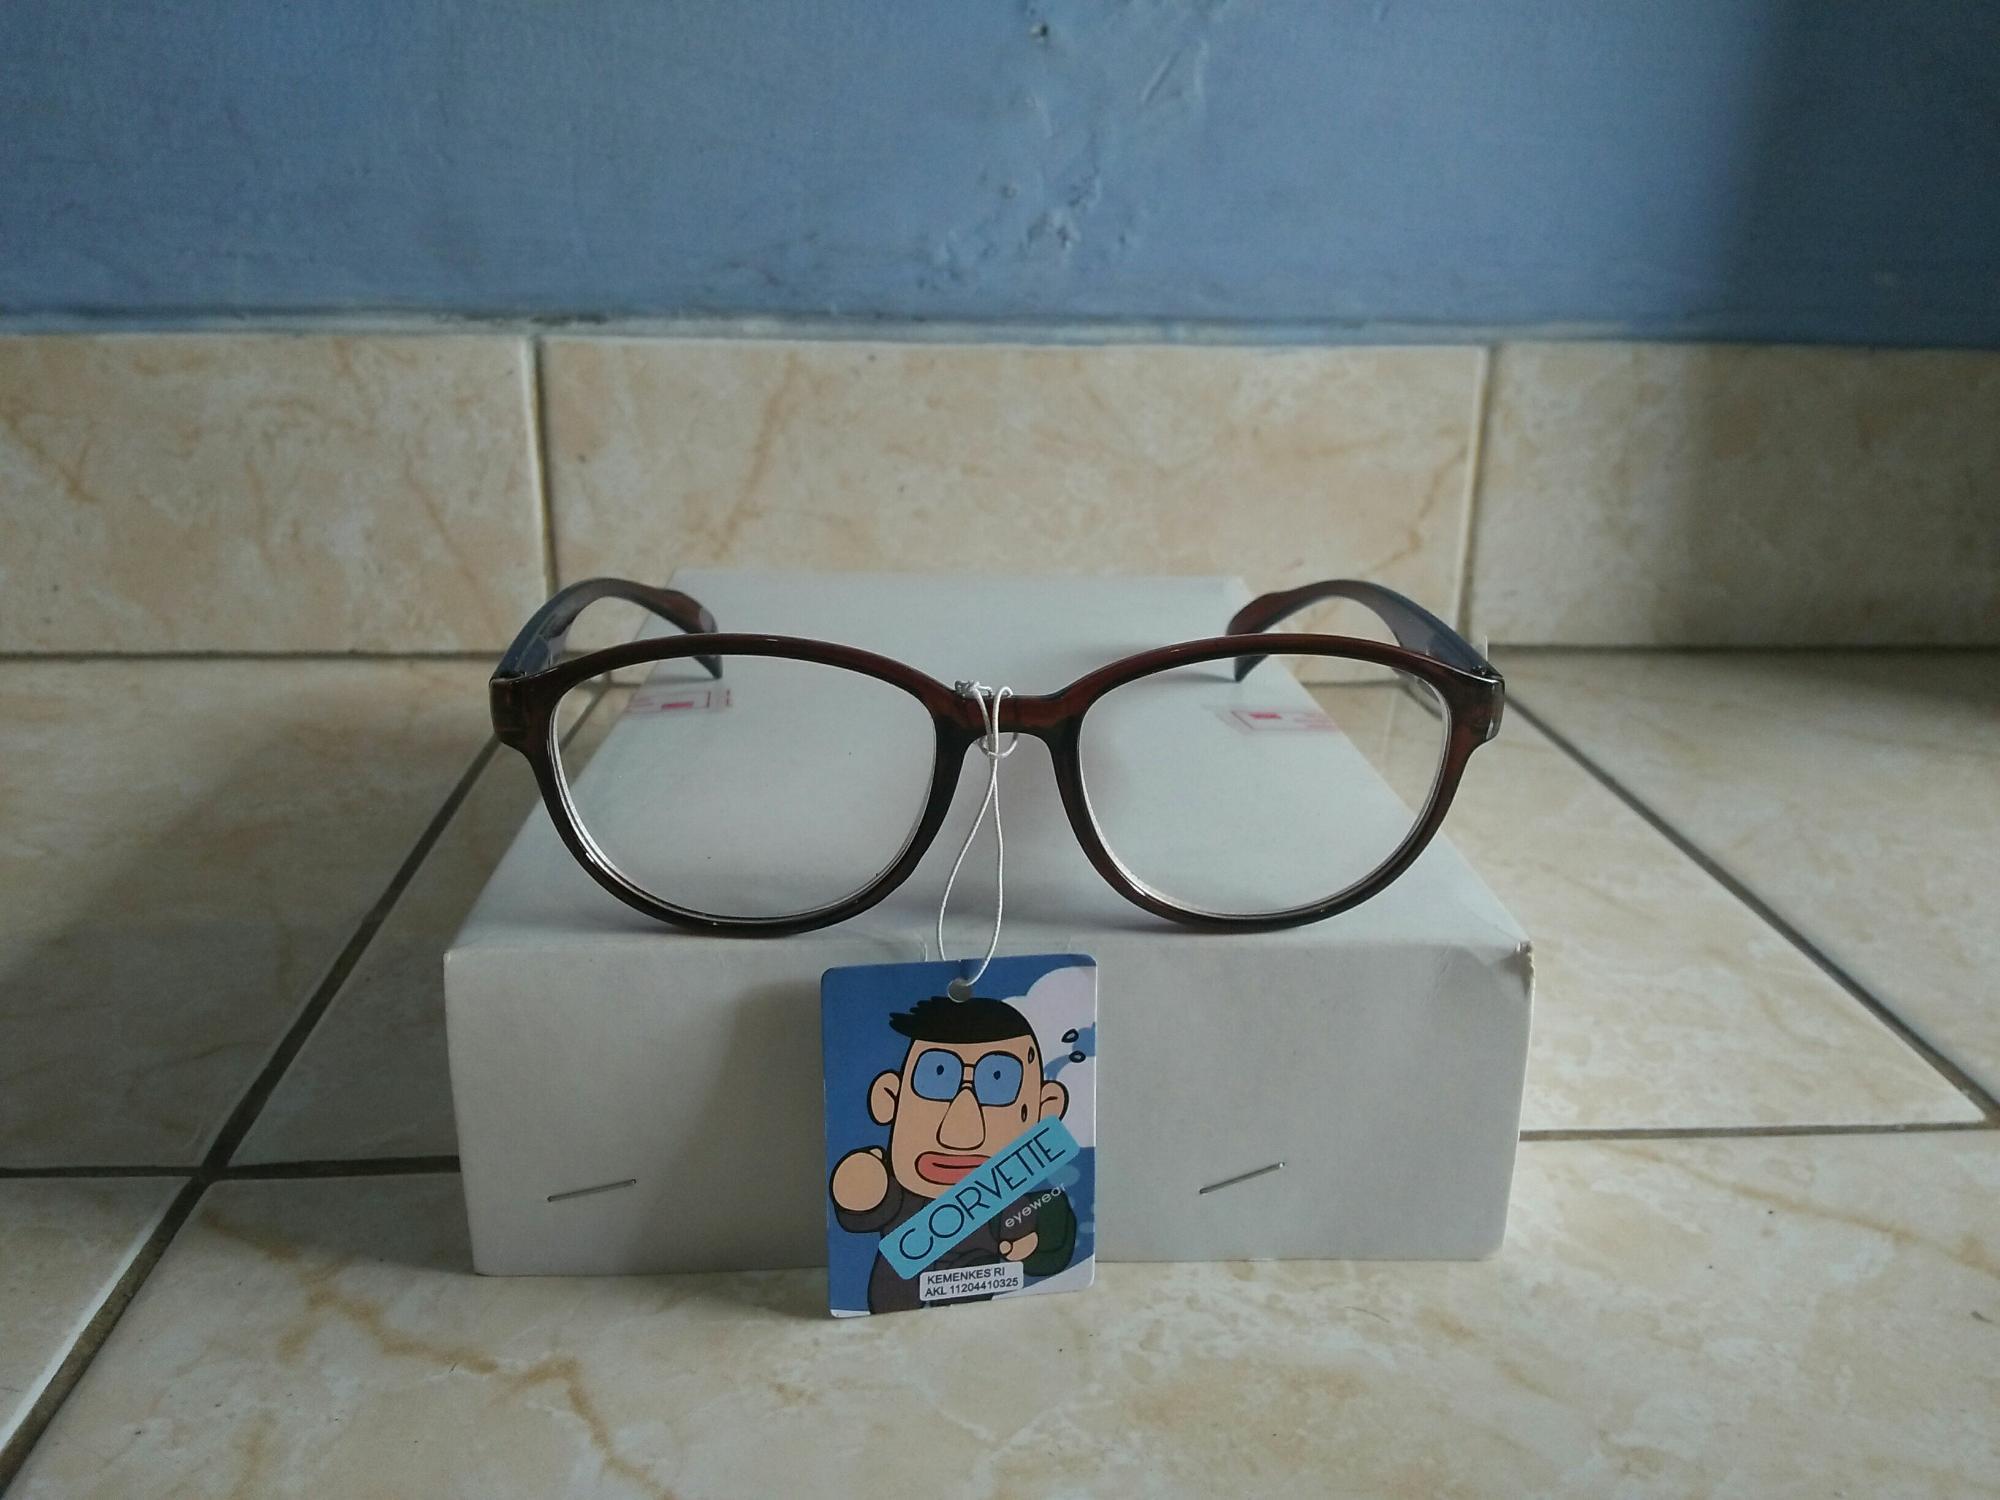 Promo kacamata minus 2.00 murah kacamata oval trendy gaya kacamata baca zo114